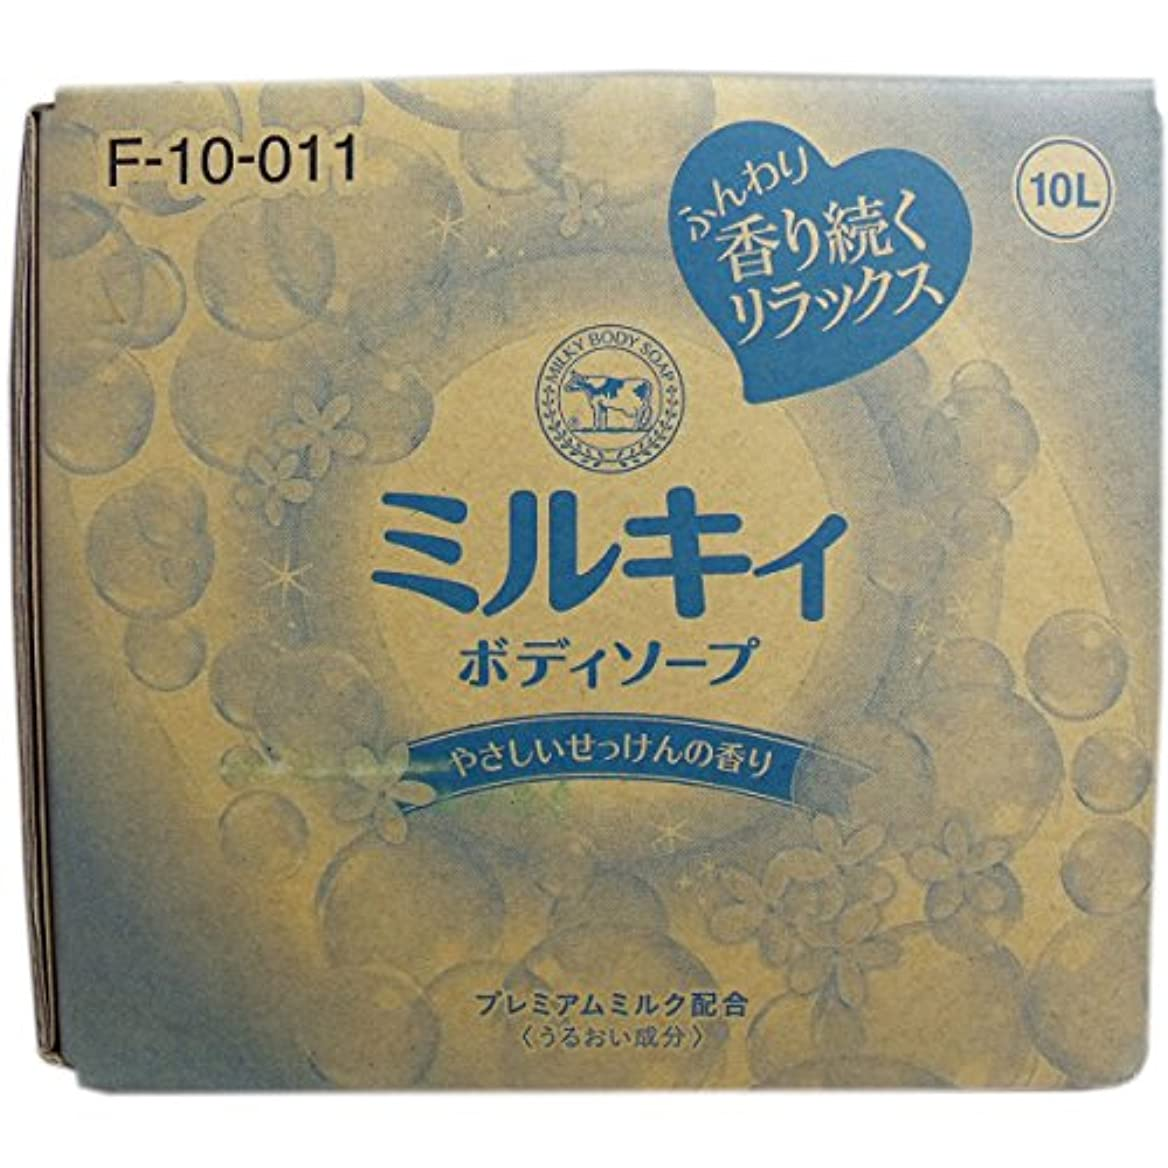 刈るソロパン業務用ボディーソープ【牛乳石鹸 ミルキィボディソープ やさしいせっけんの香り 10L】